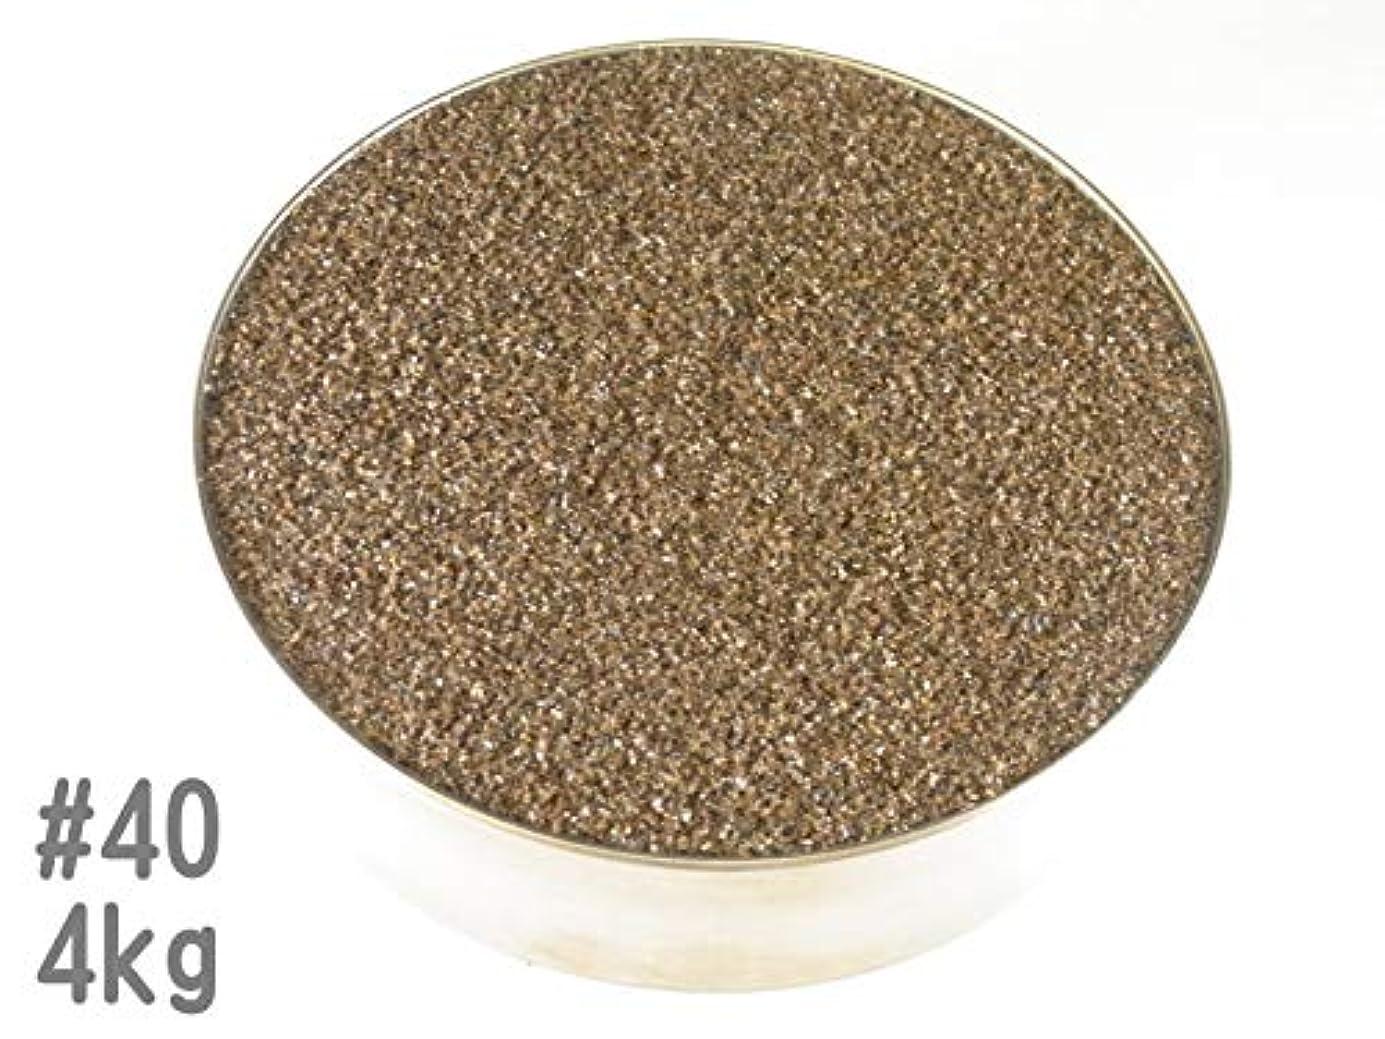 灌漑インチタイマー#40 (4kg) アルミナサンド/アルミナメディア/砂/褐色アルミナ サンドブラスト用(番手サイズは7種類から #40#60#80#100#120#180#220 )